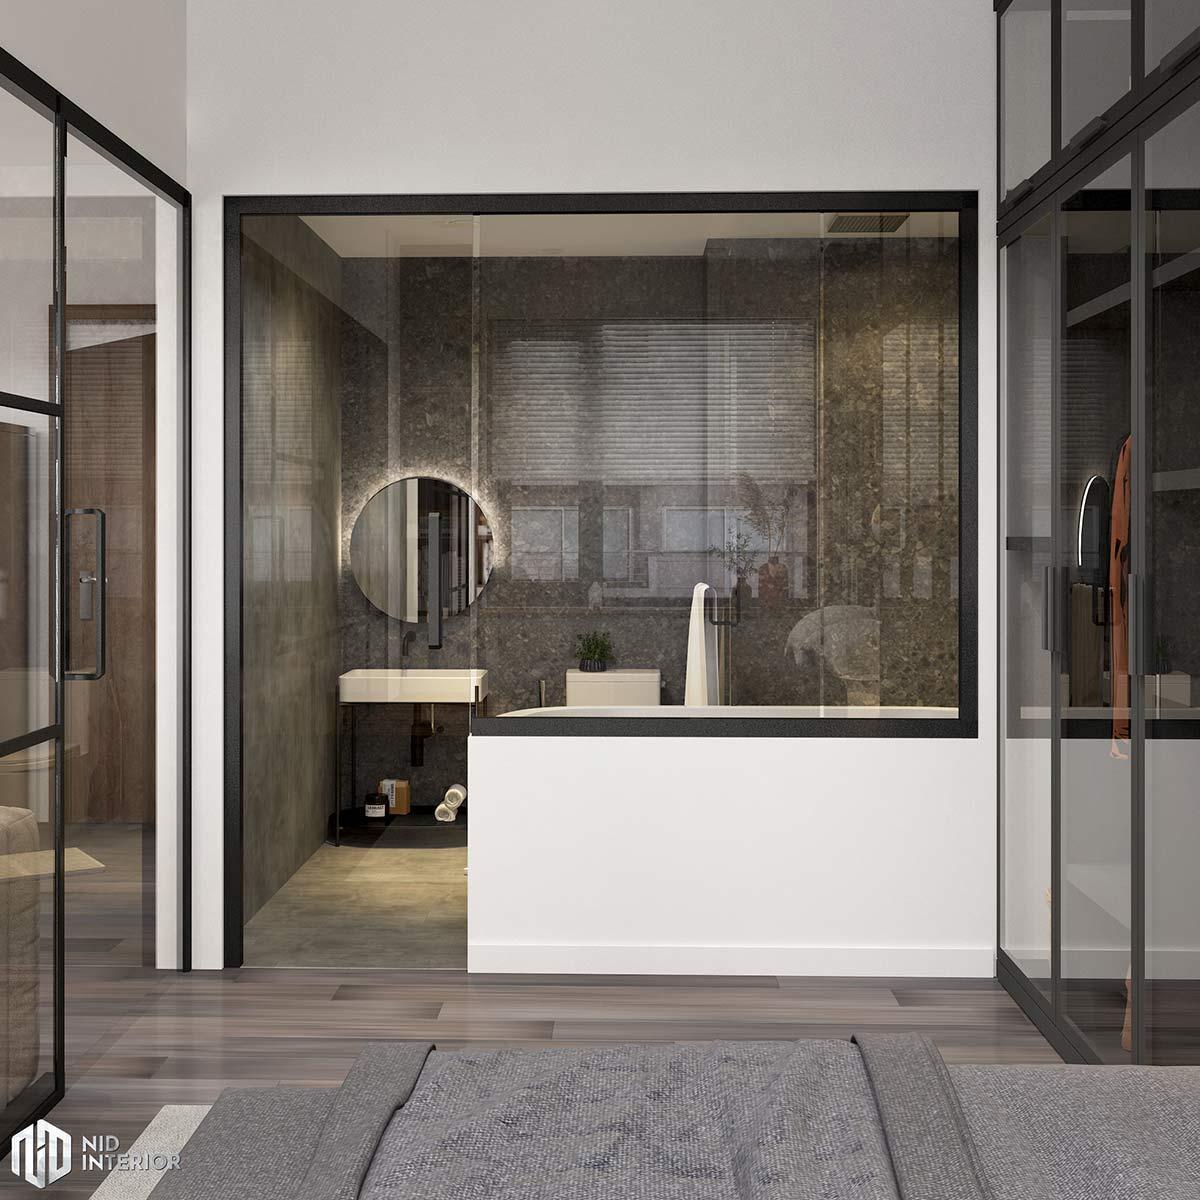 Thiết kế nội thất căn hộ Vinhomes Grand Park 50m2 - Phòng vệ sinh